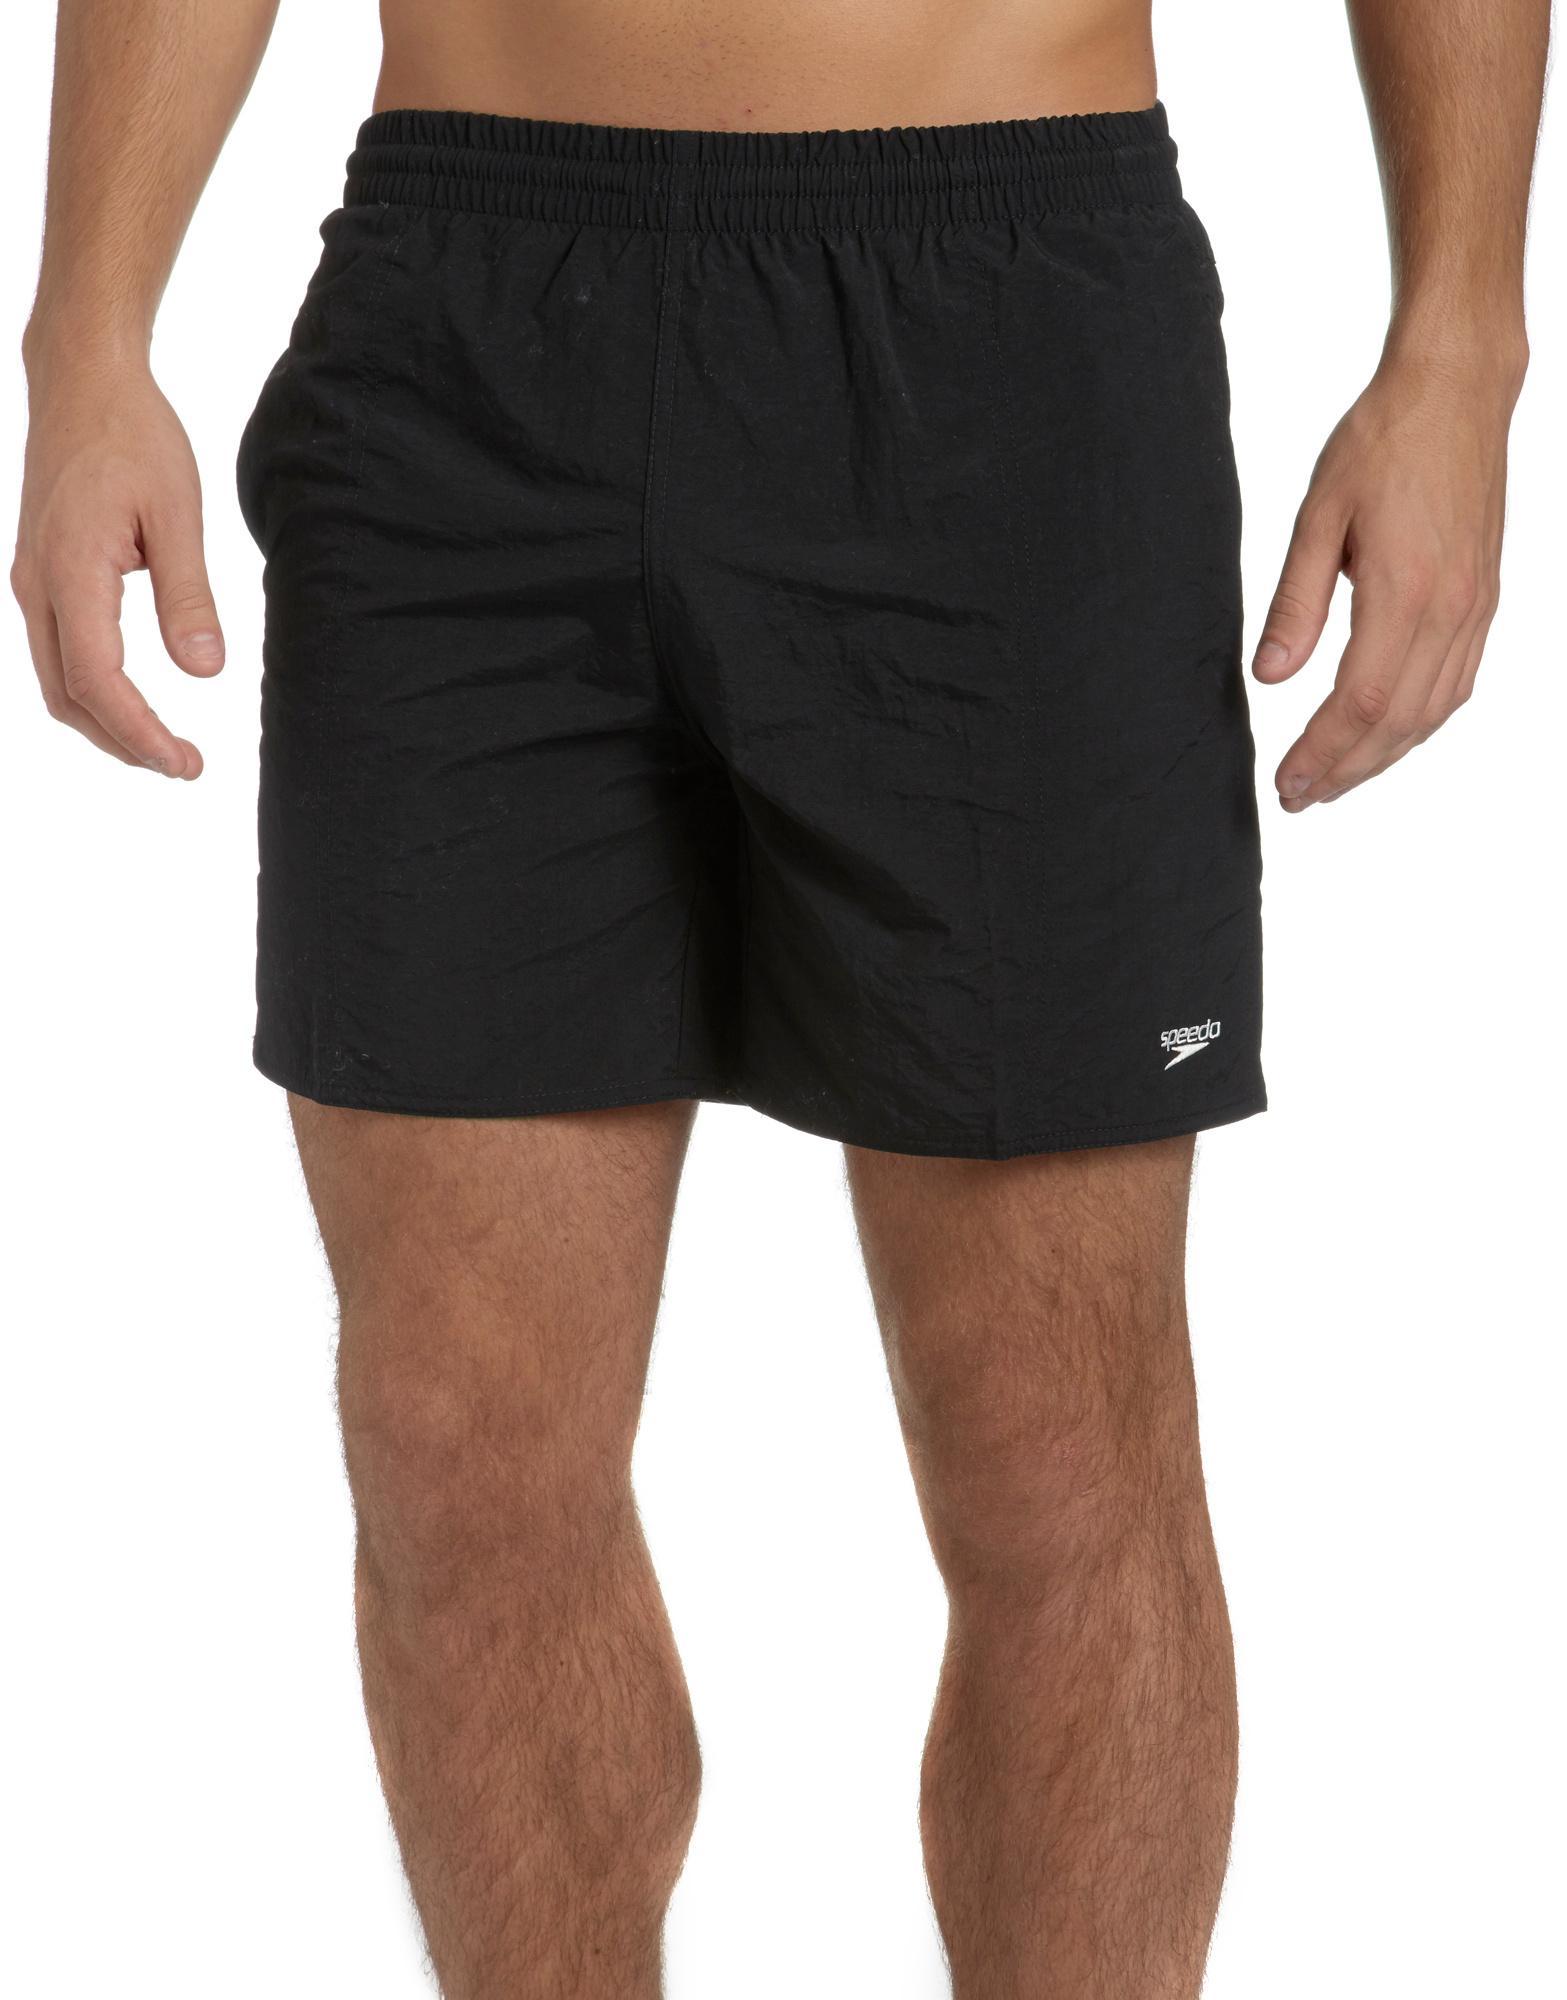 avec paypal Jd Le Sport Short Adidas Hommes Noir vente 2015 nouveau rabais moins cher amazone Footaction 81cMVTK5f